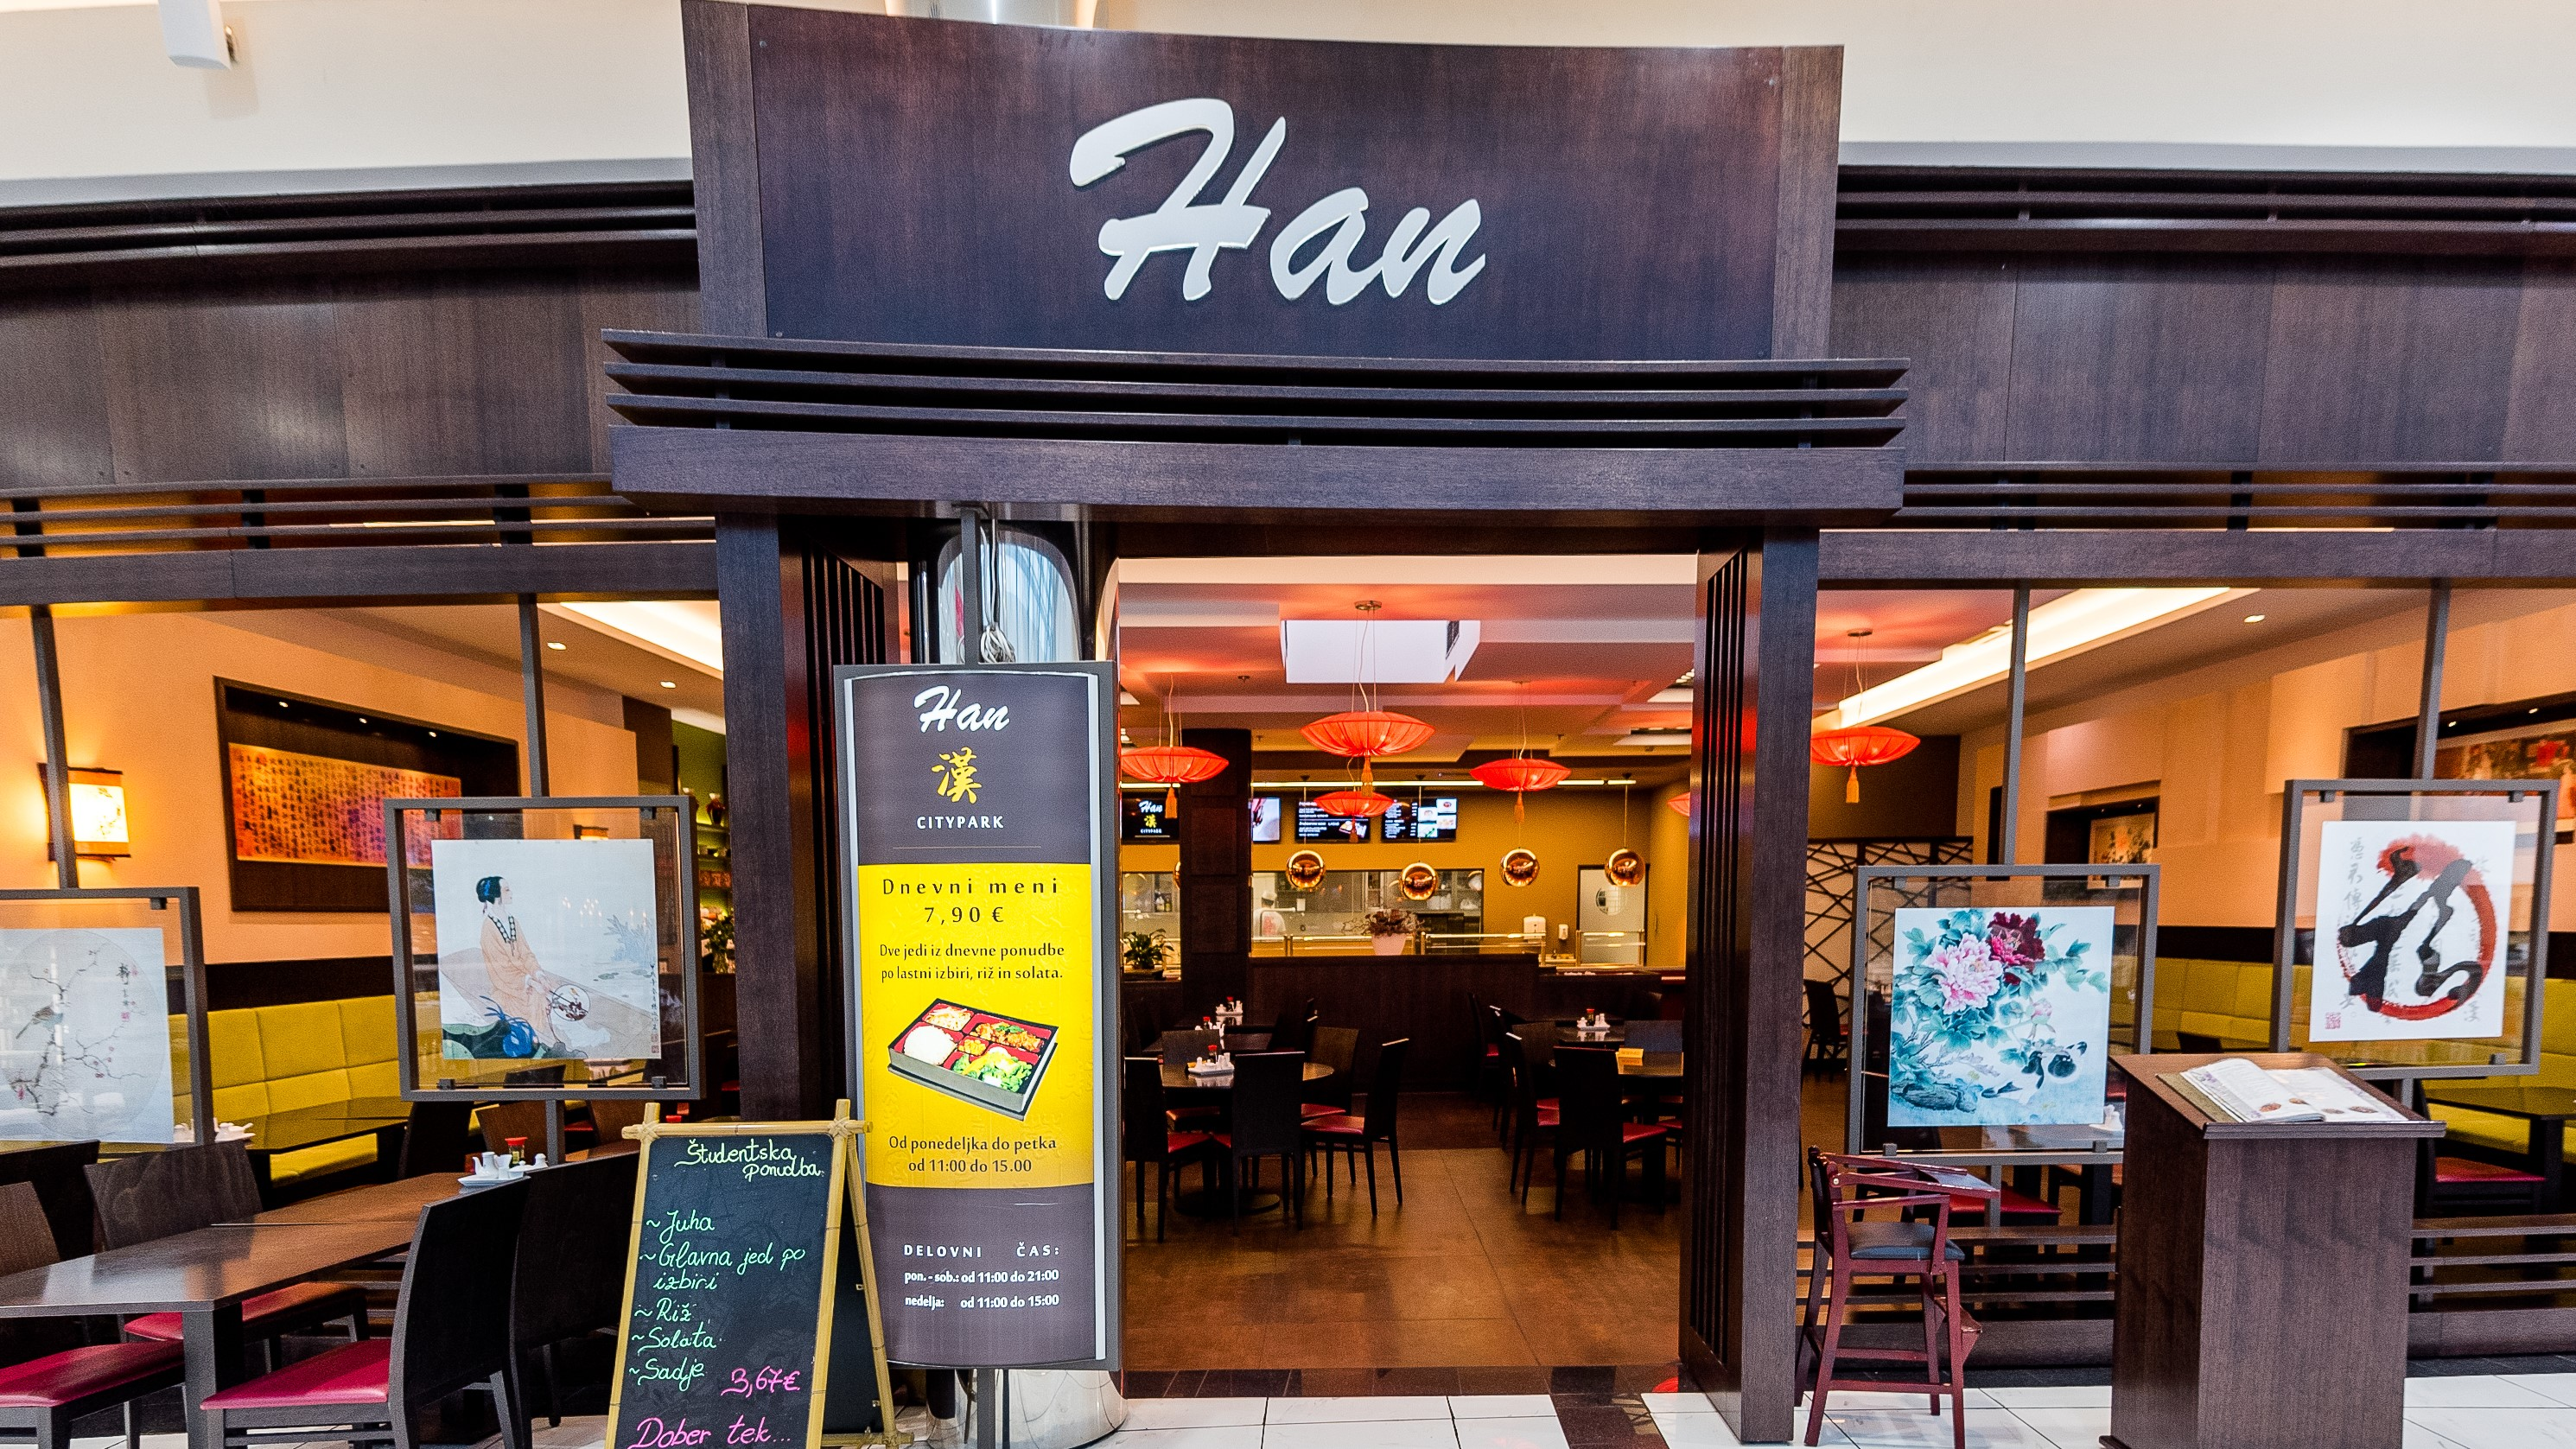 Kitajska restavracija Han